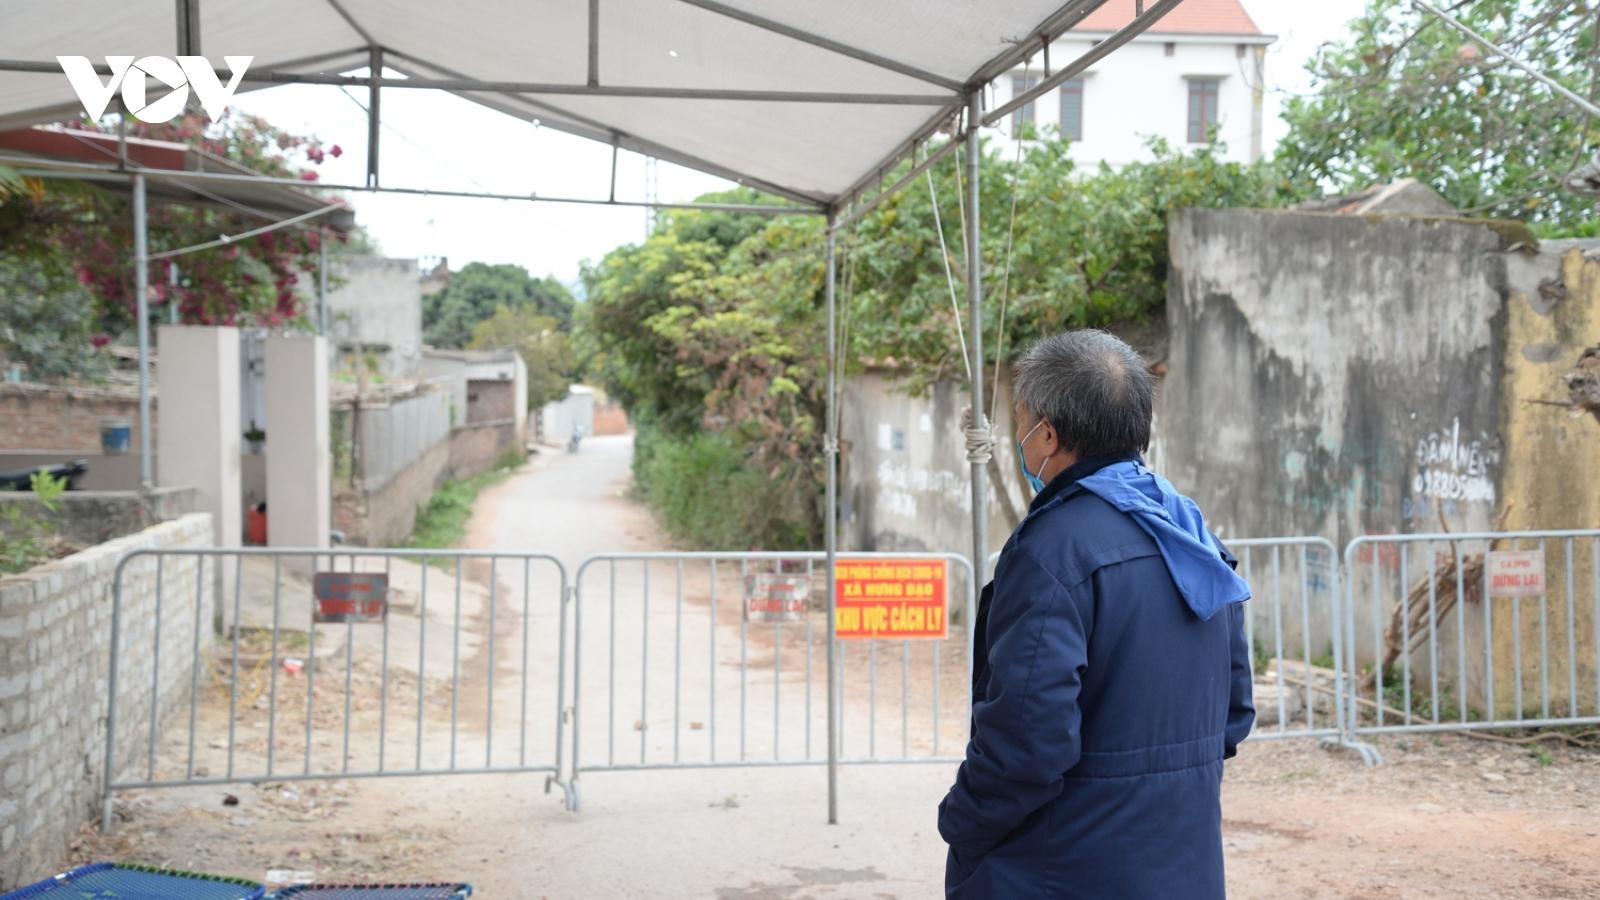 Hình ảnh thôn Kim Điền (Hải Dương) bị phong tỏa